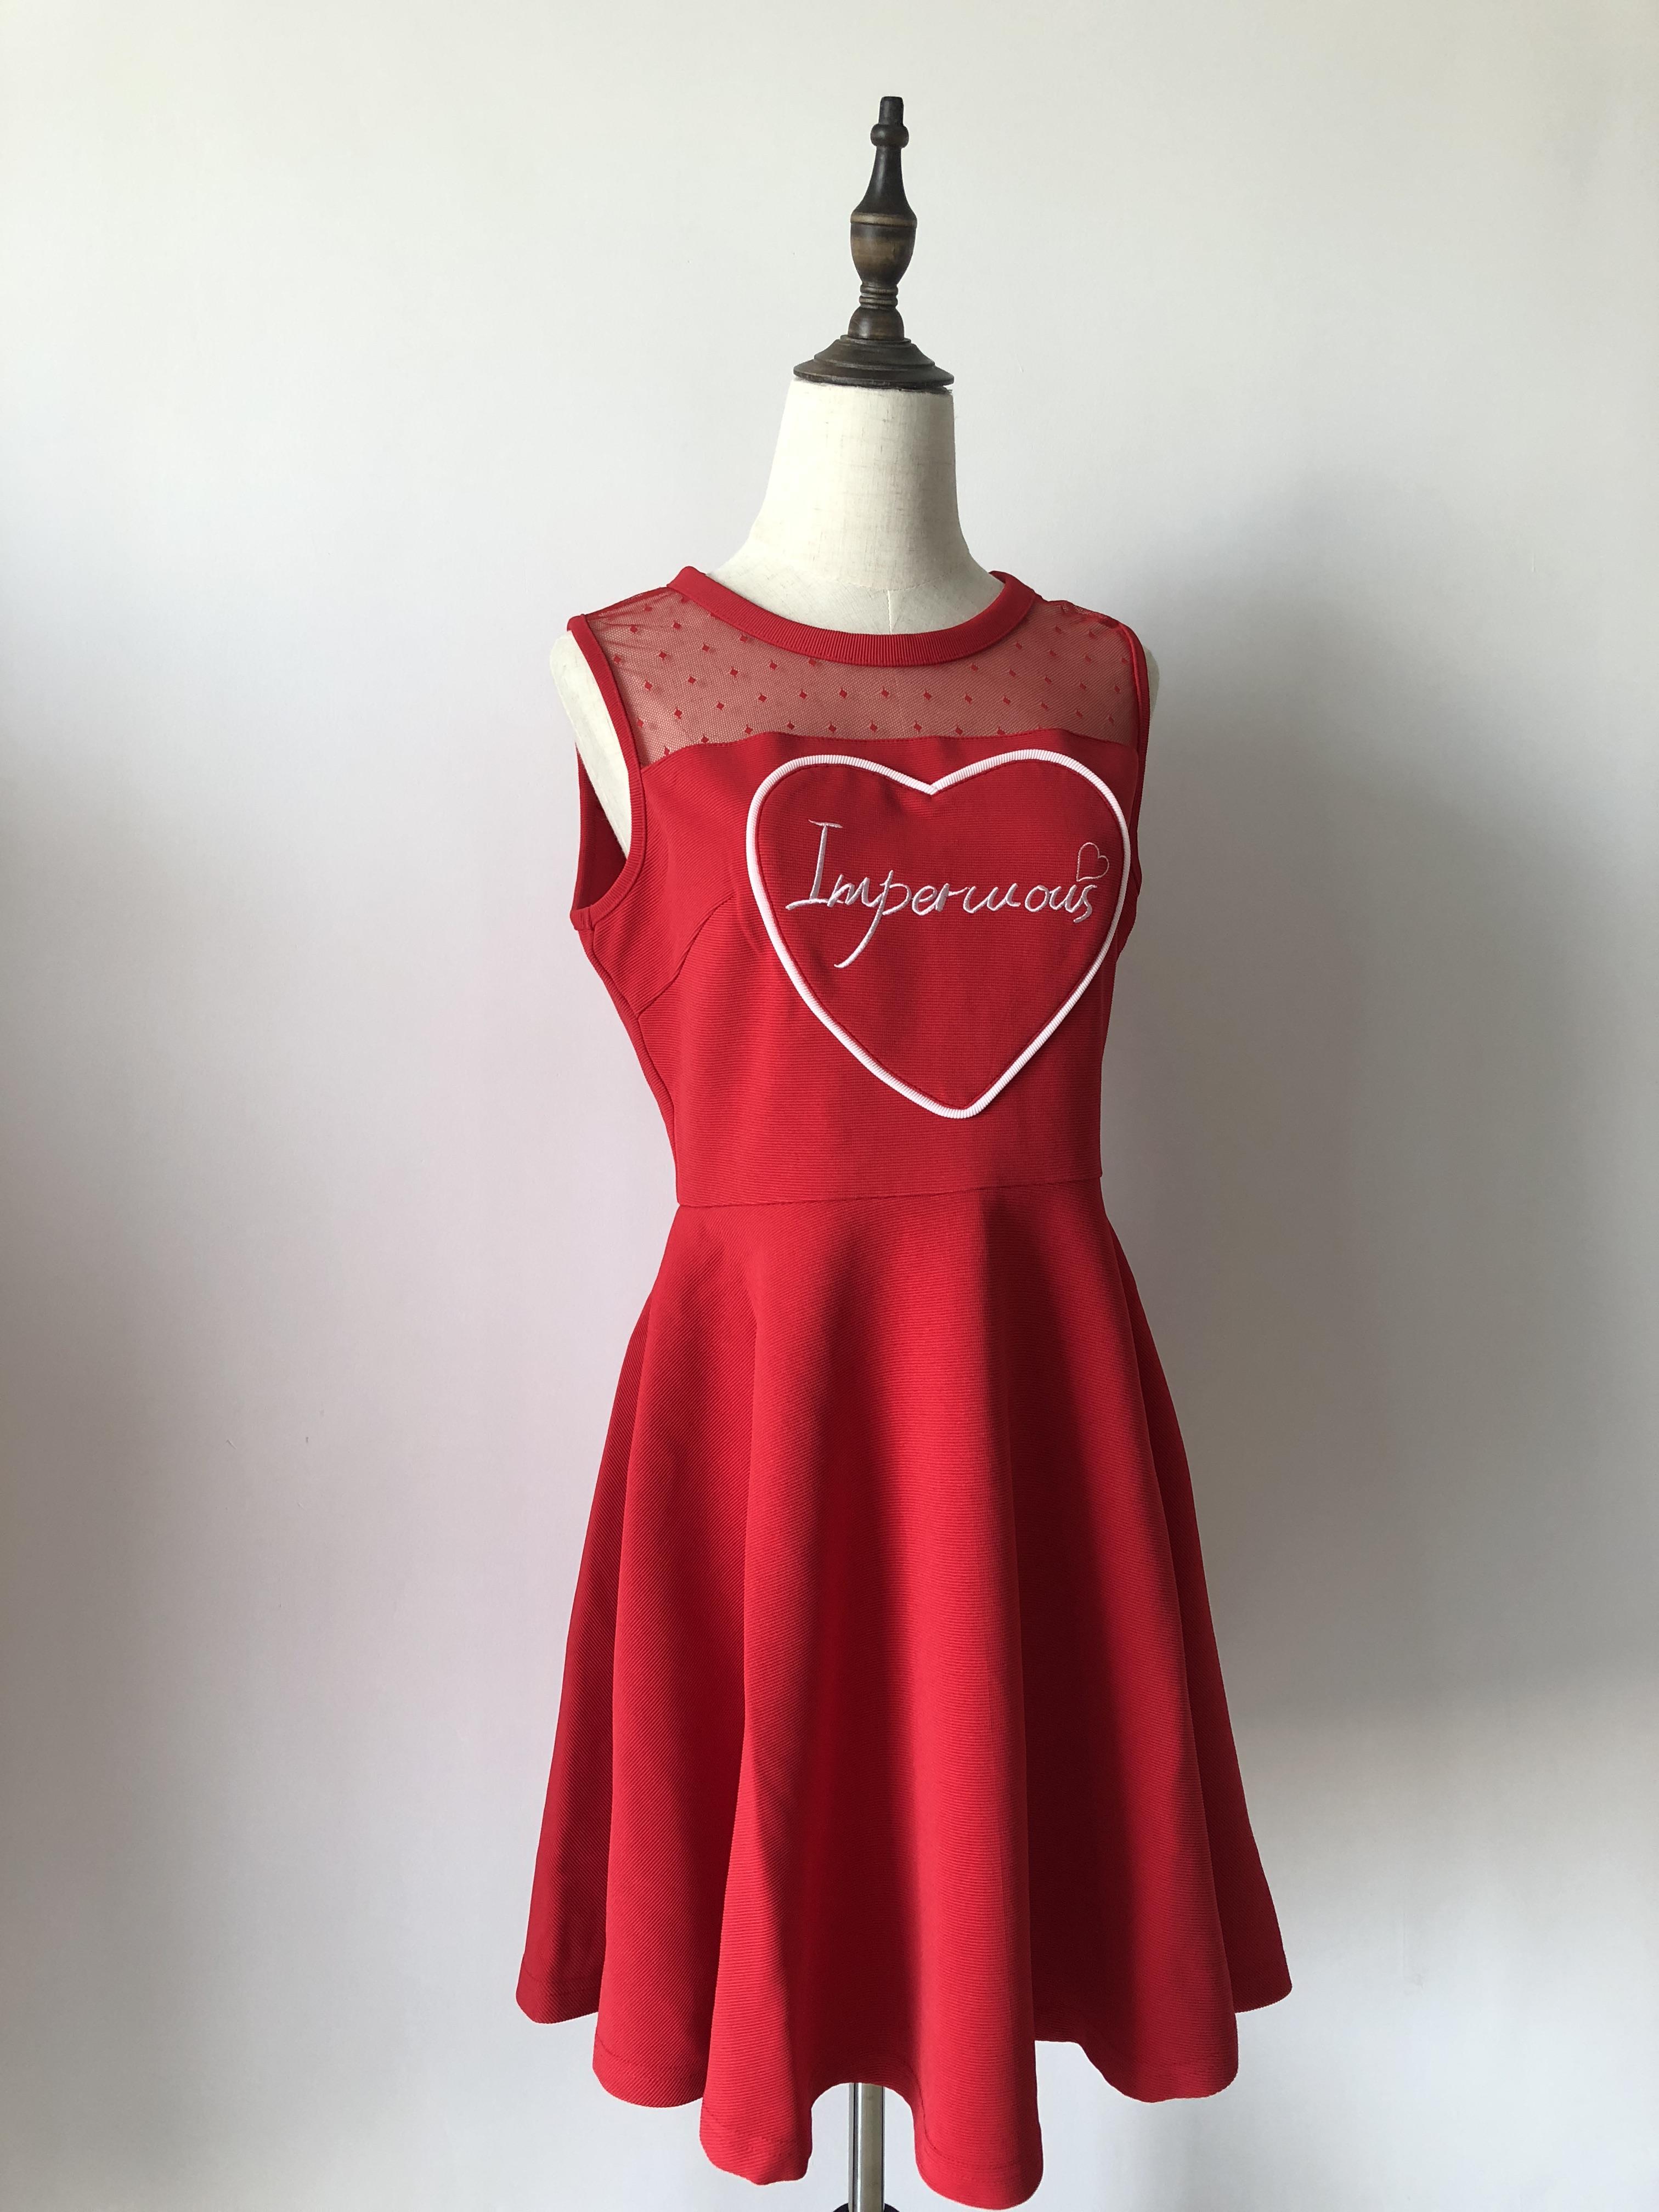 一线品牌折扣女装  专柜好货 连衣裙89